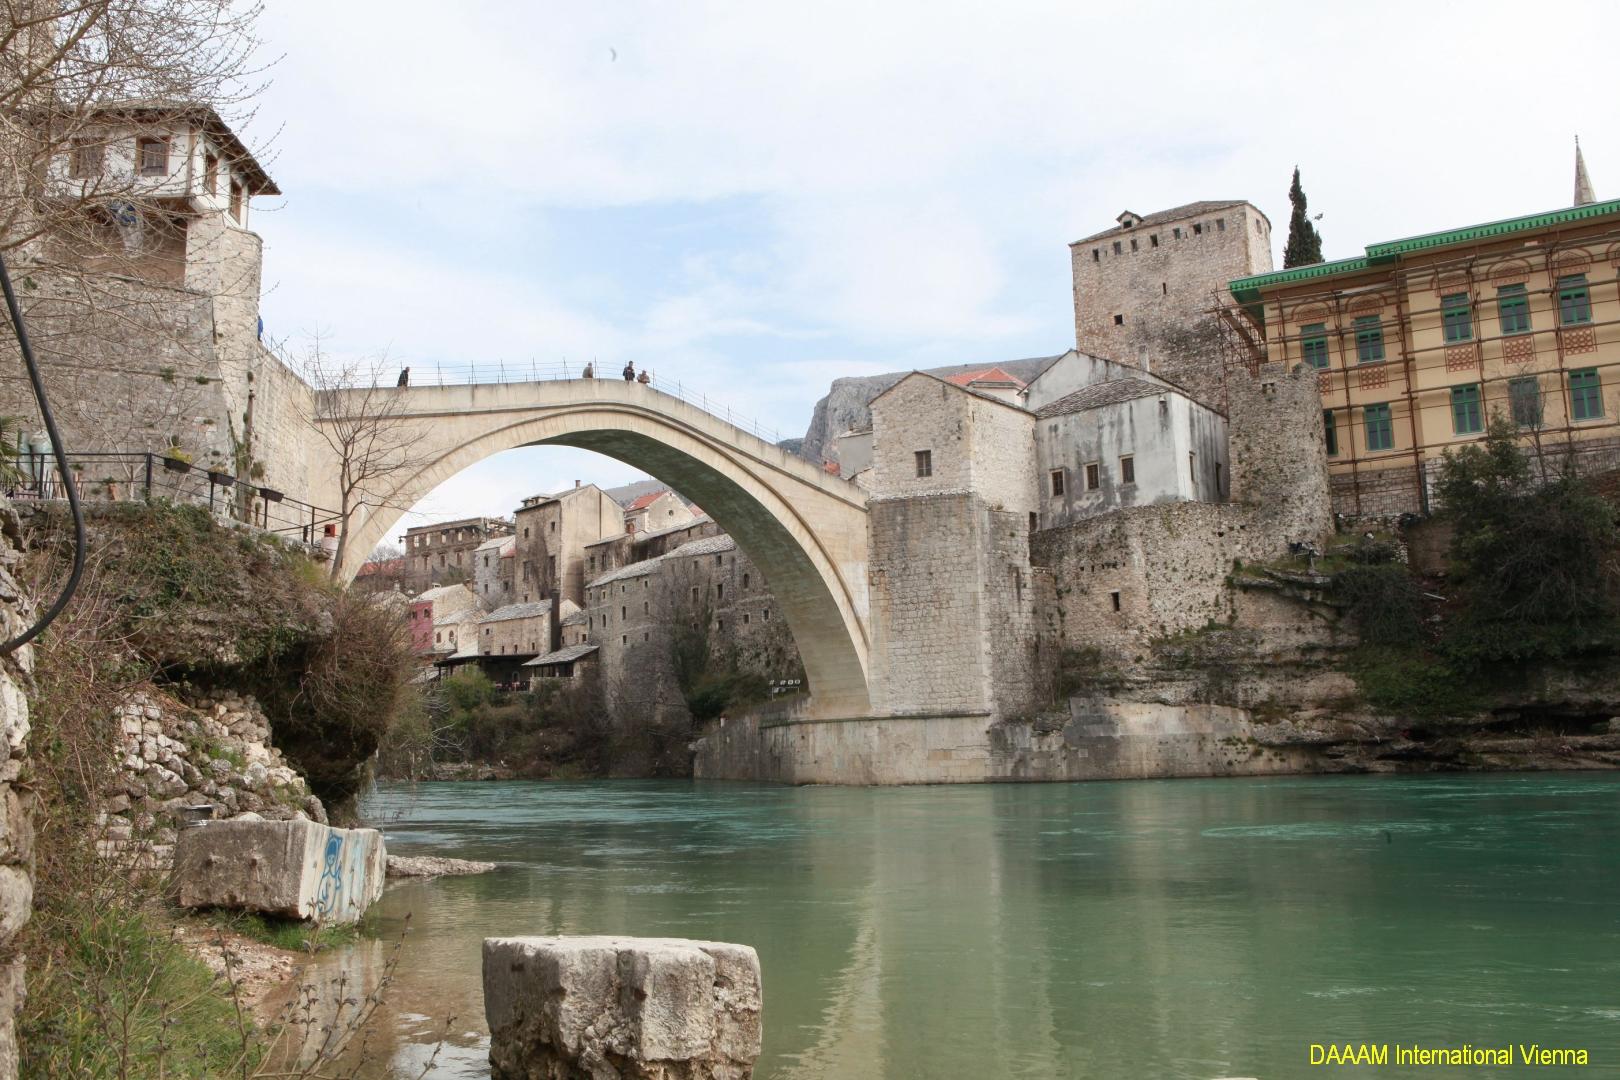 DAAAM_2016_Mostar_01_Magic_City_of_Mostar_058